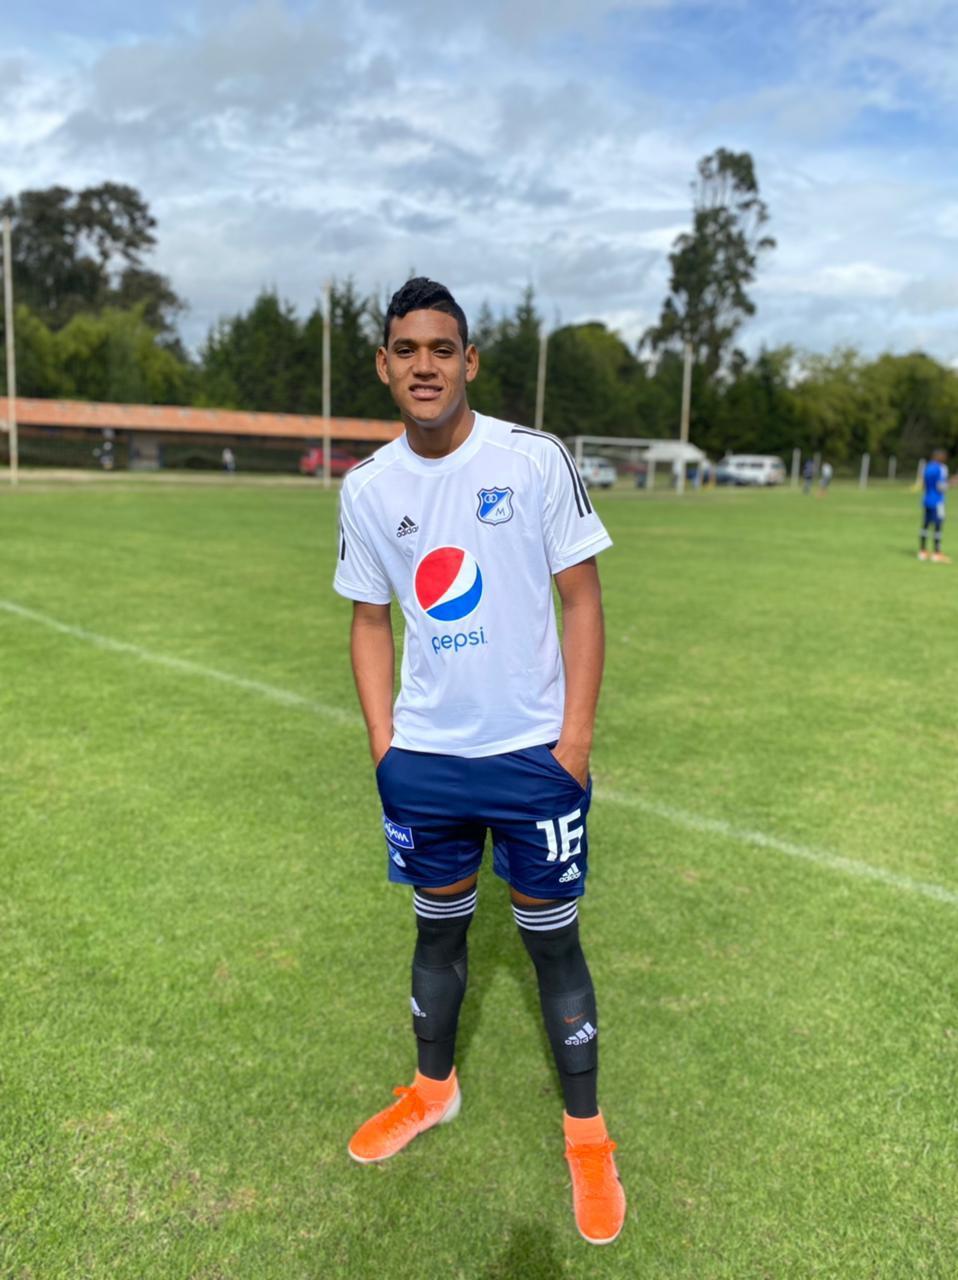 https://www.notasrosas.com/ Alejandro 'Toto' Oñate: la nueva estrella guajira que iluminará el firmamento del fútbol mundial